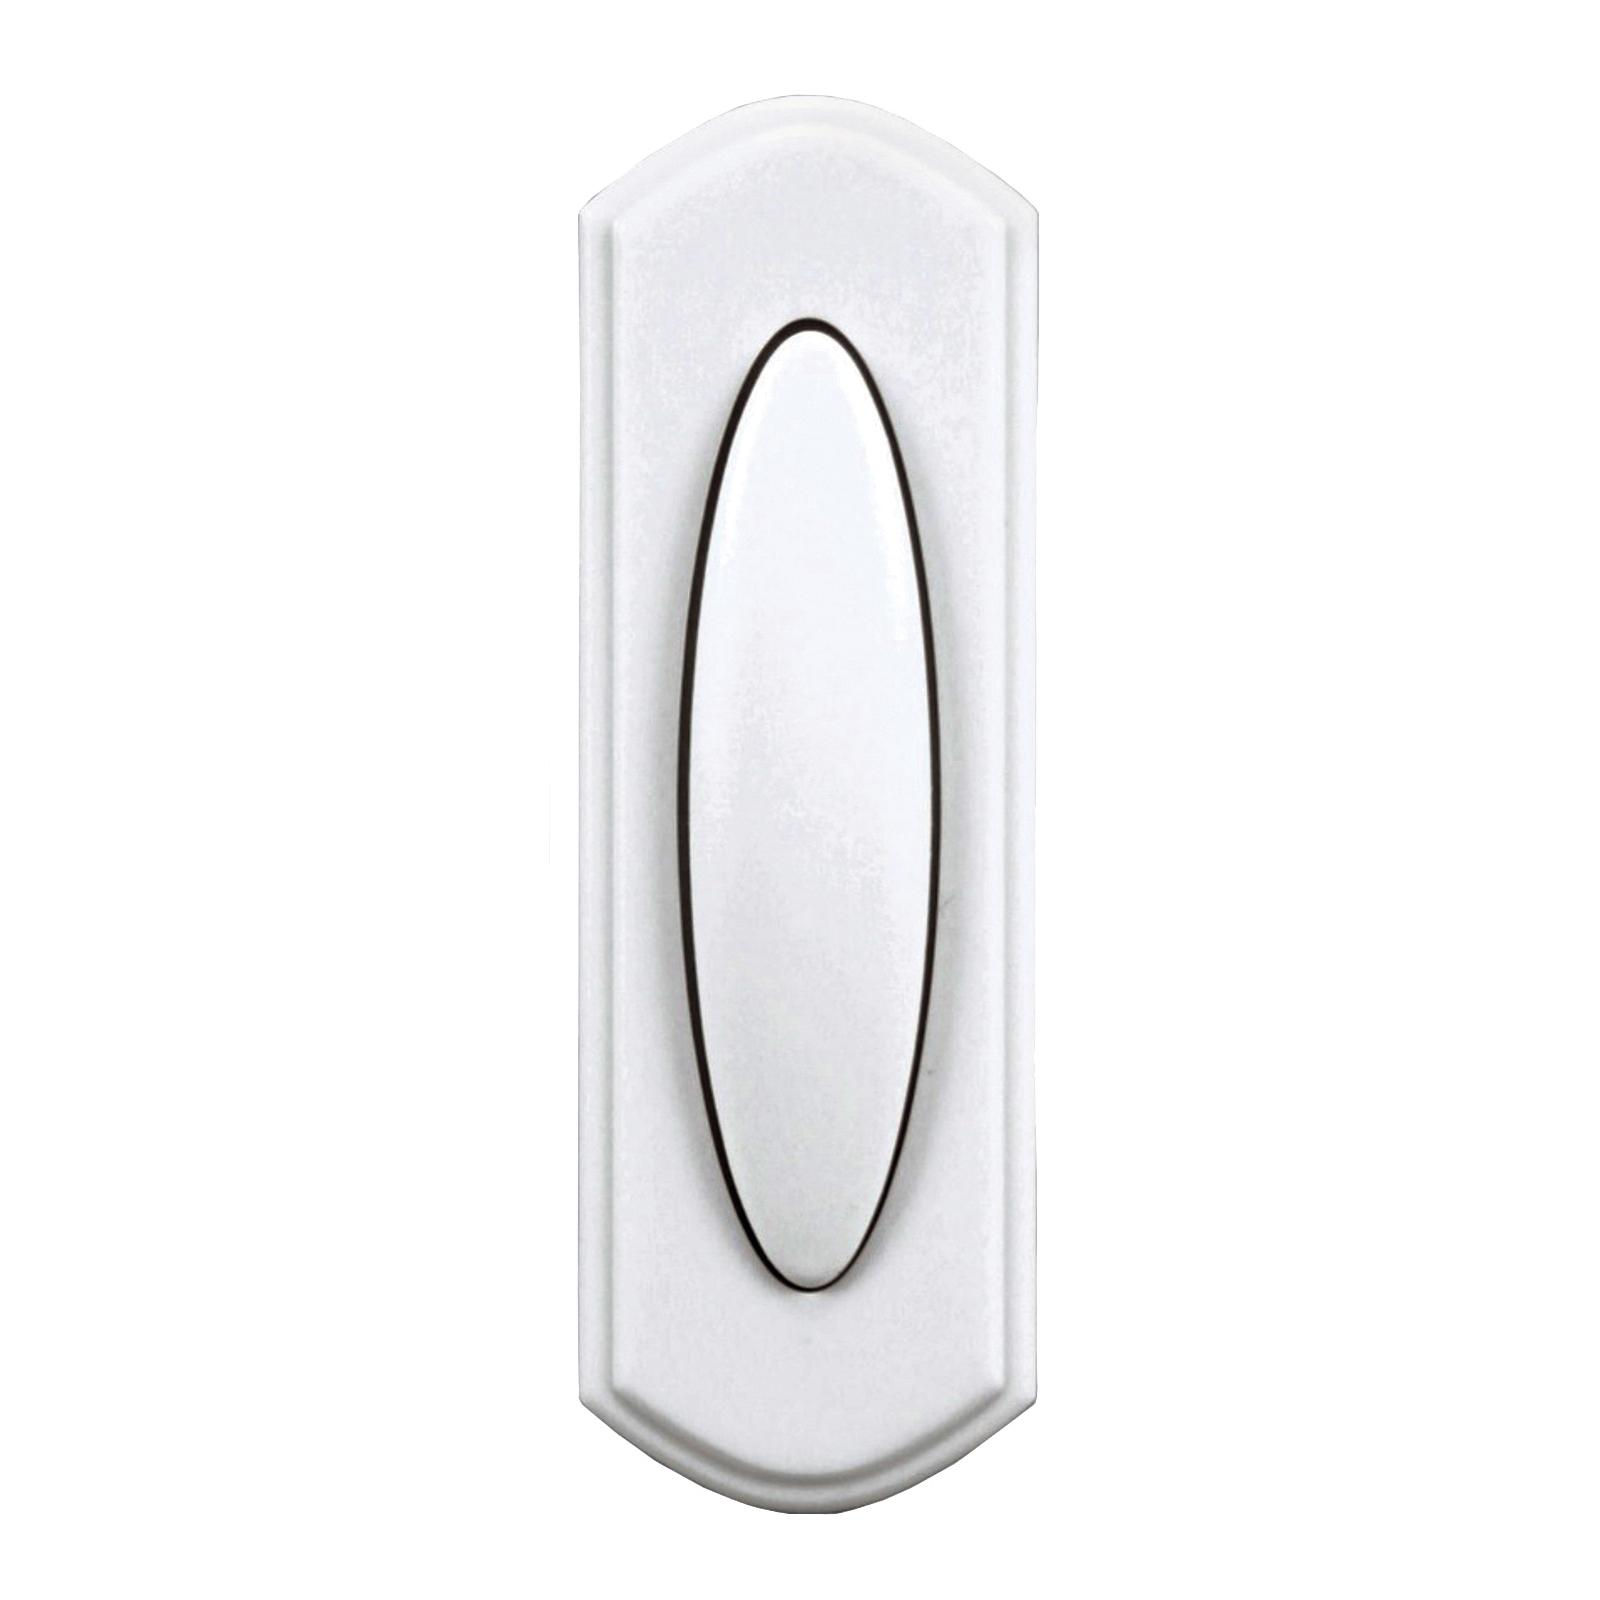 Picture of Heath Zenith SL-7797-02 Pushbutton, Wireless, Plastic, White